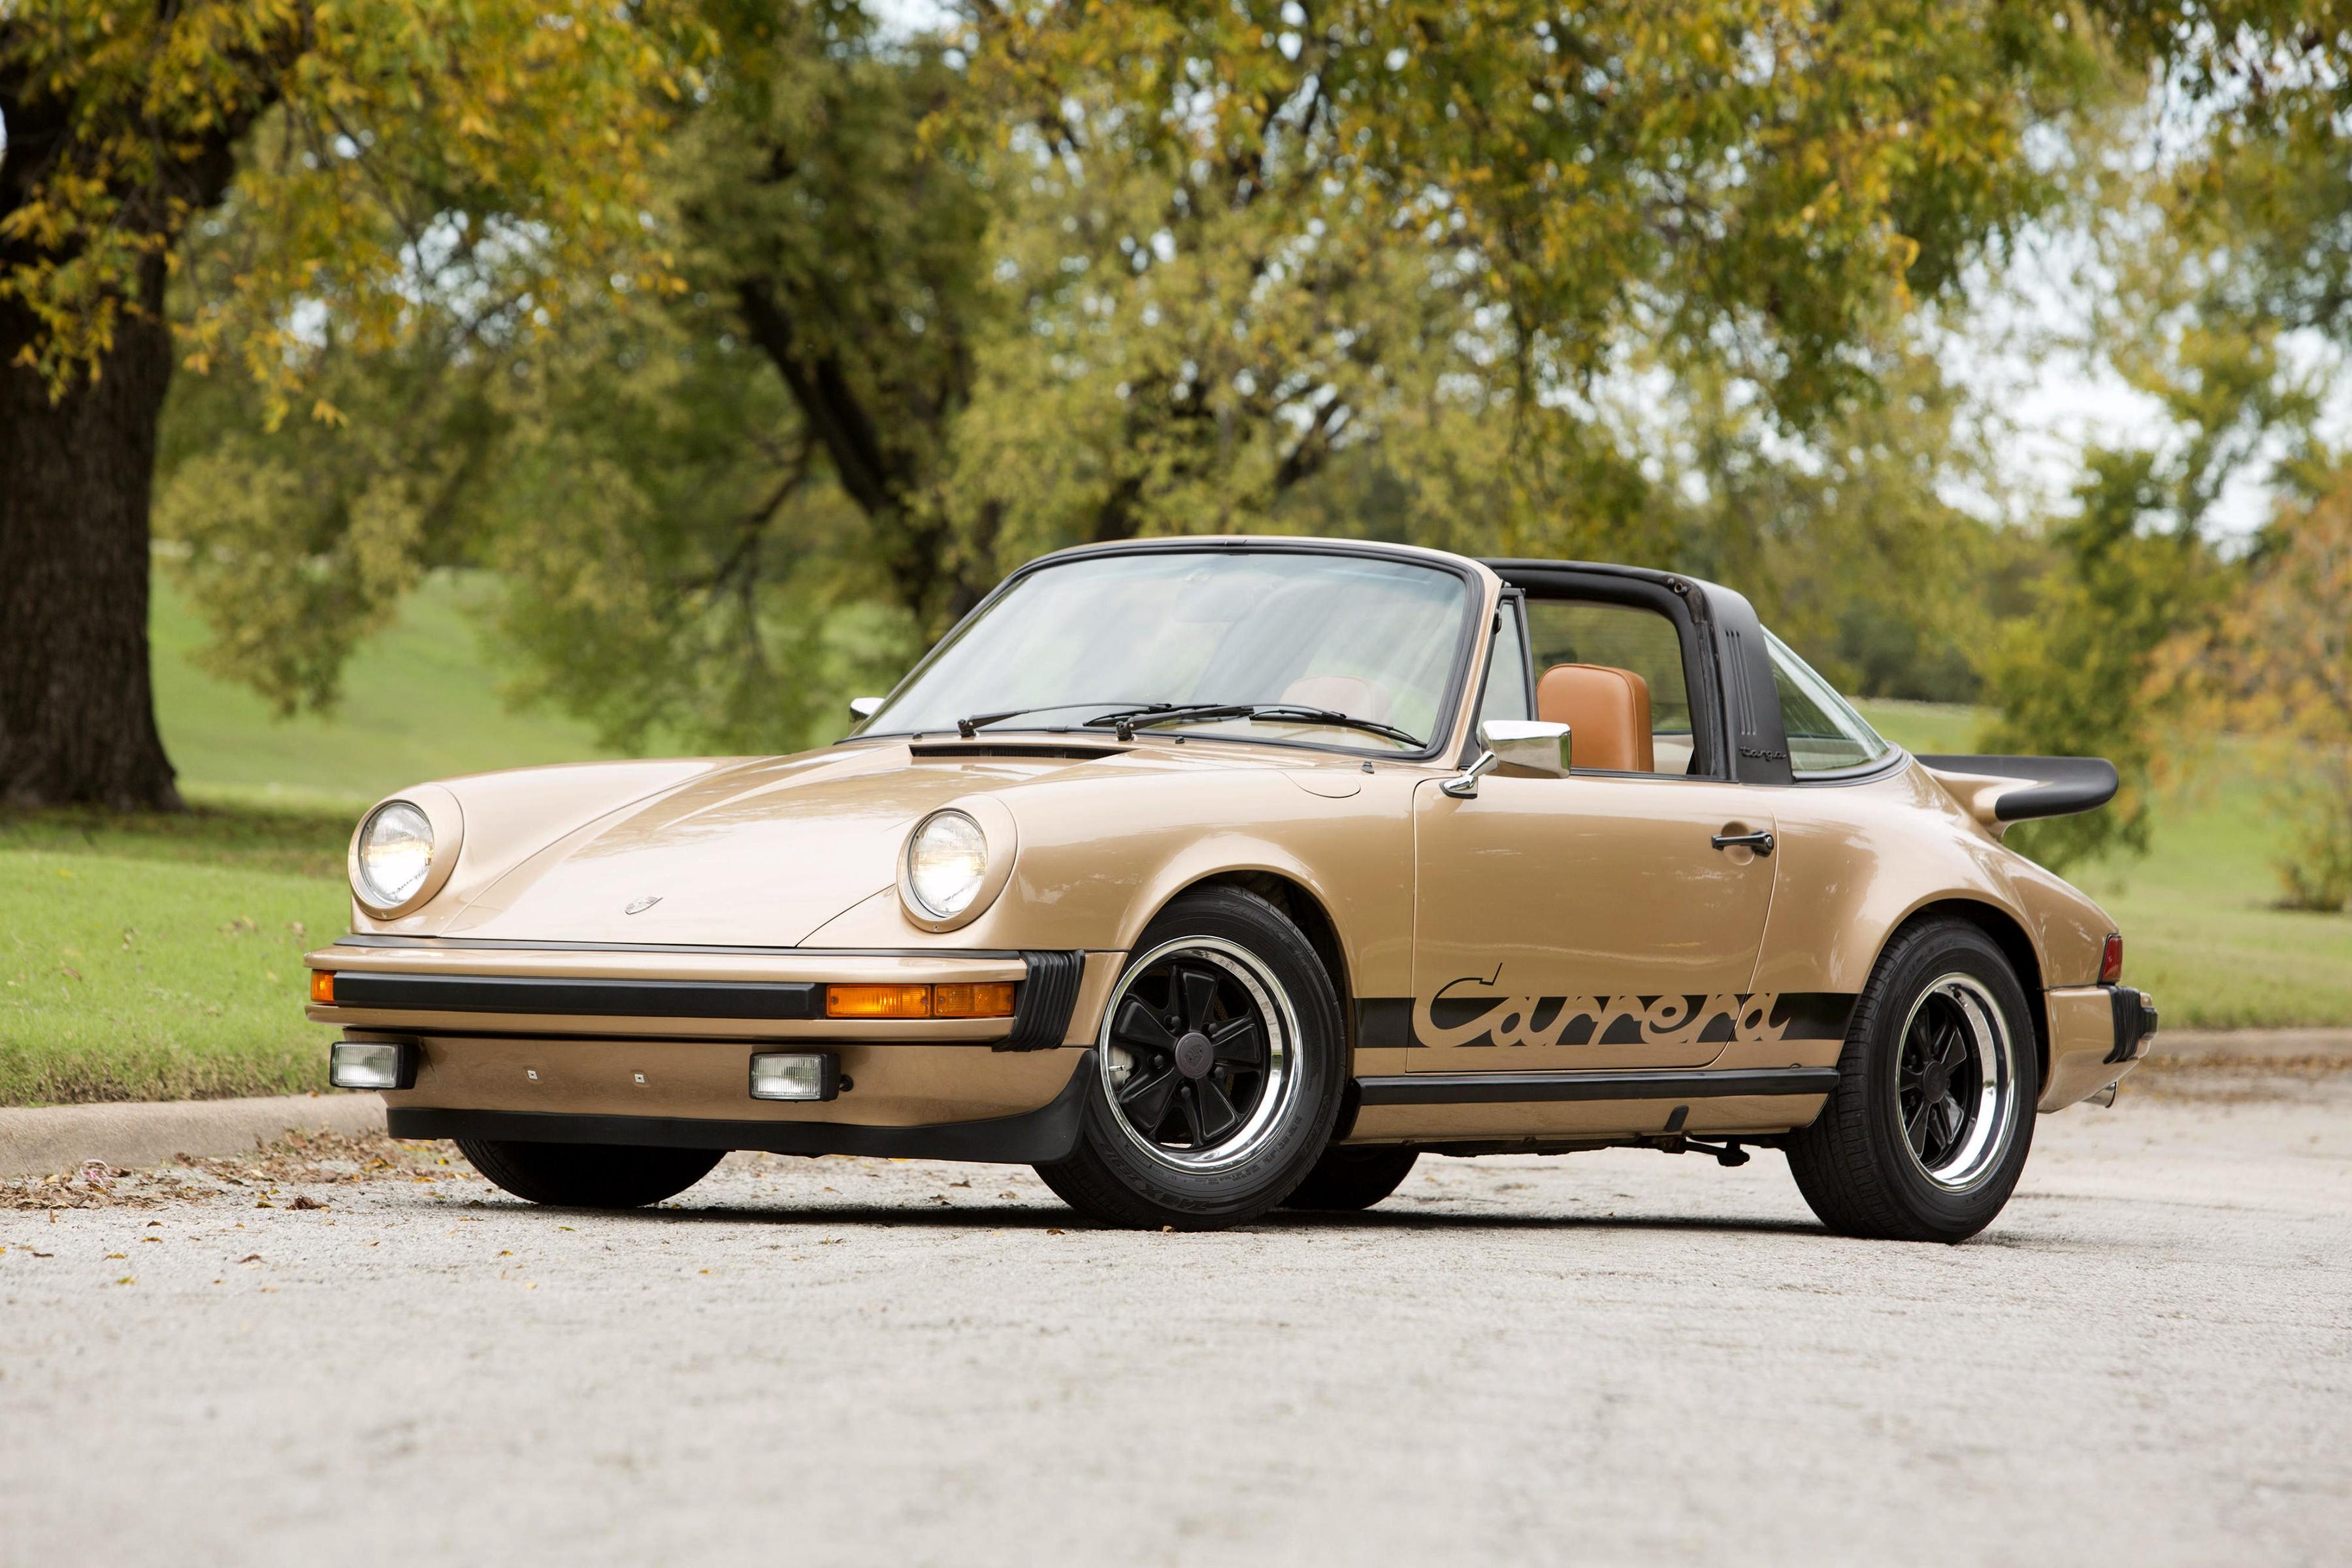 Porsche 911 II (911, 930) 1973 - 1989 Coupe #2